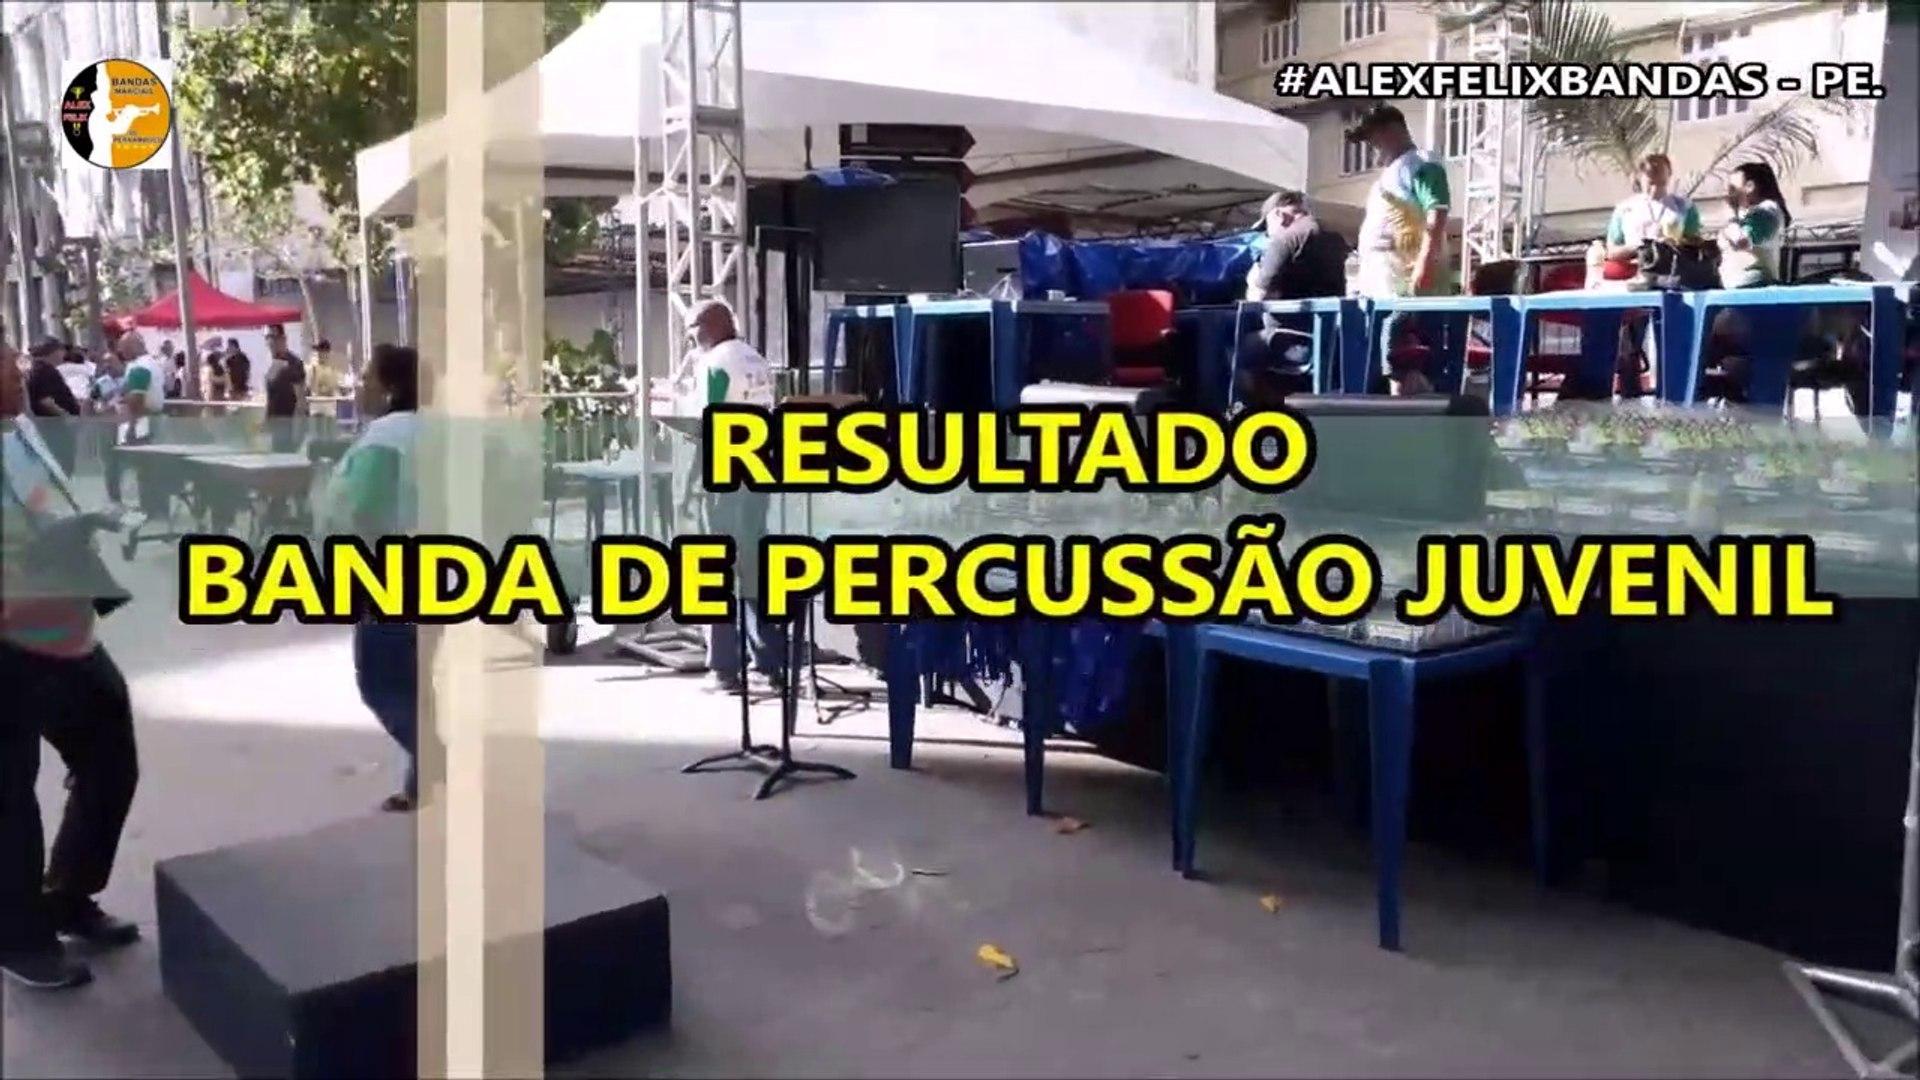 CNBF - 2018 - RESULTADO BANDA DE PERCUSSÃO JUVENIL - XXV-CAMPEONATO NACIONAL DE BANDAS E FANFARRAS